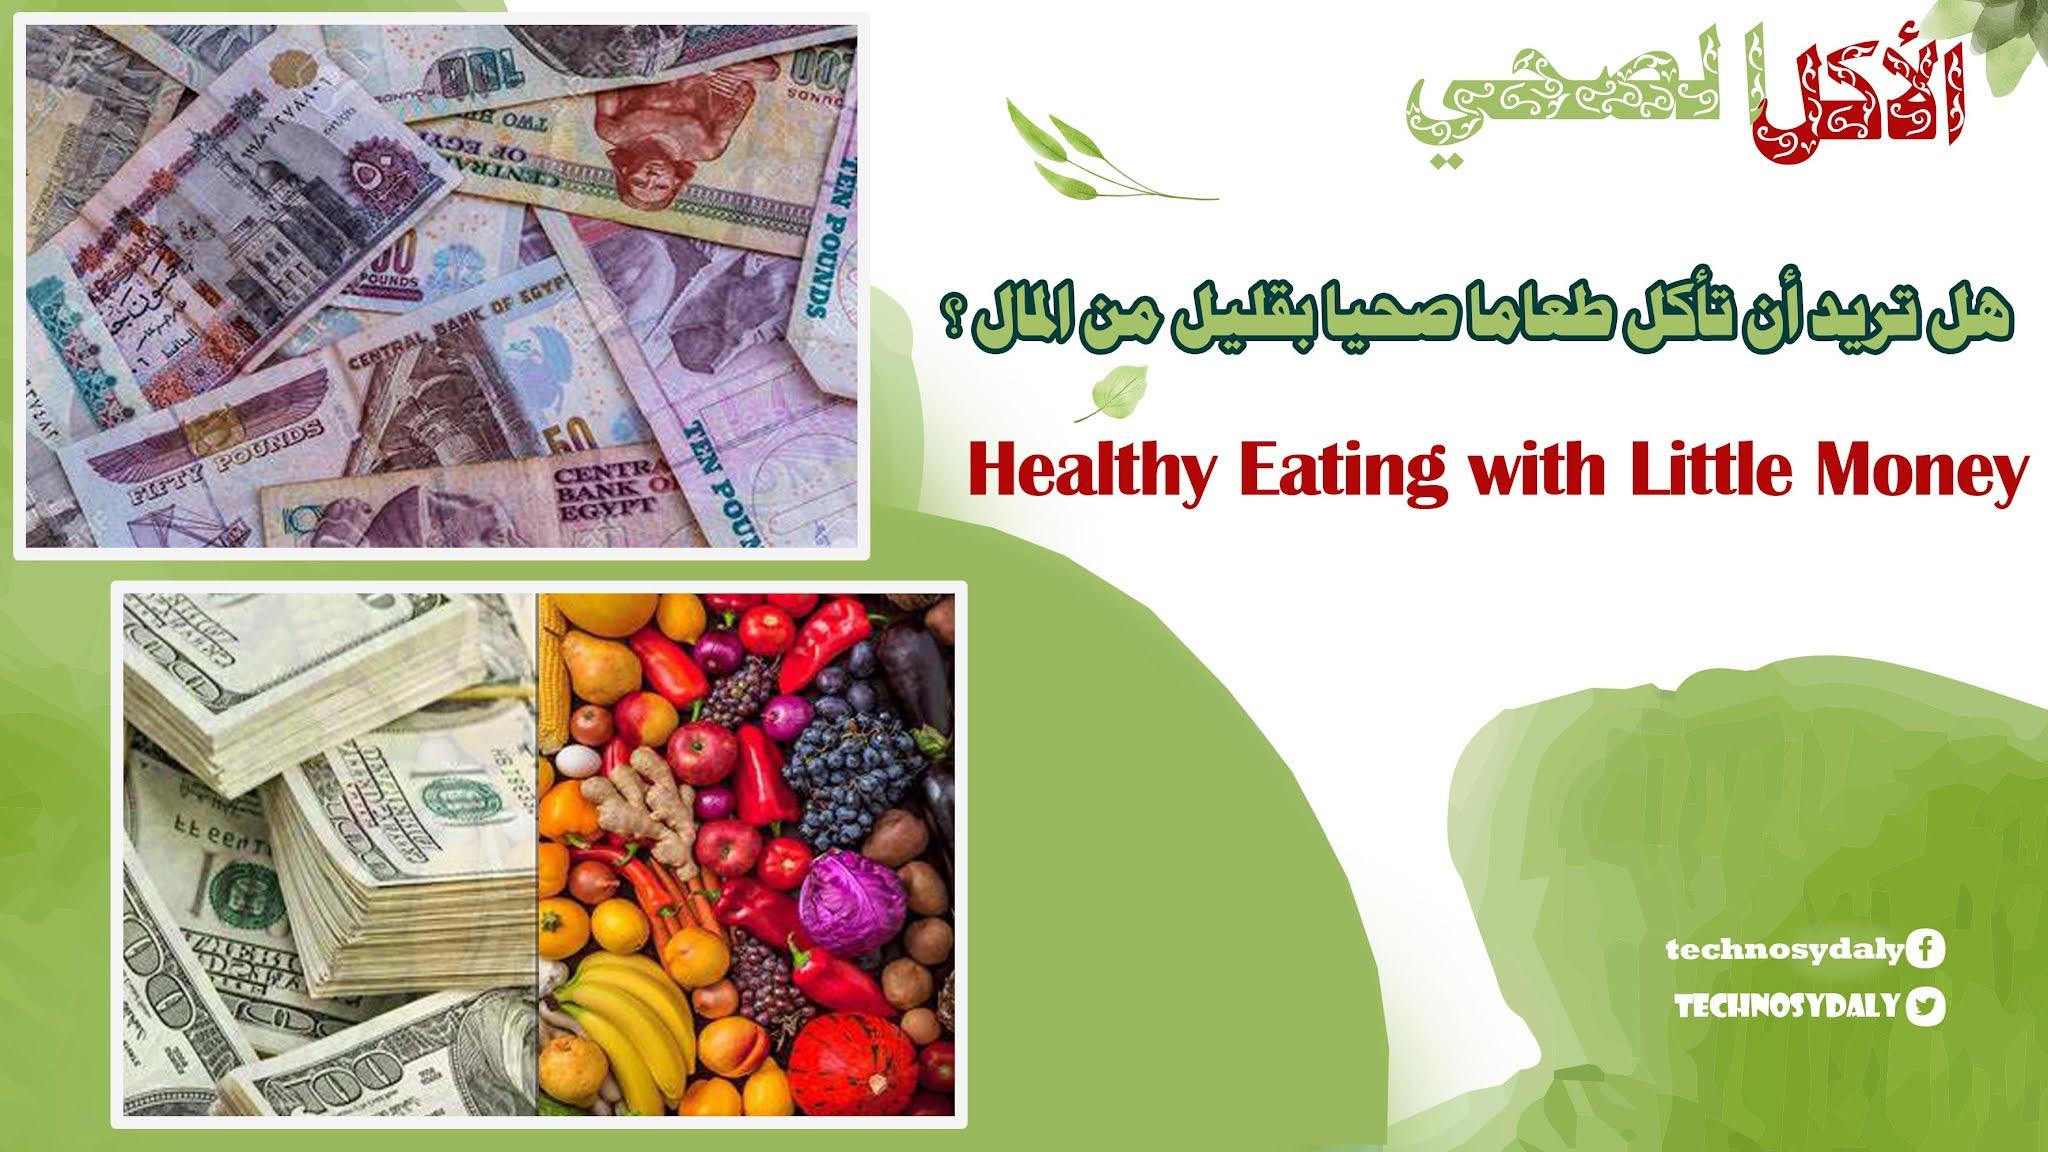 هل تريد أن تأكل طعاما صحيا بقليل من المال ؟ Healthy Eating with Little Money